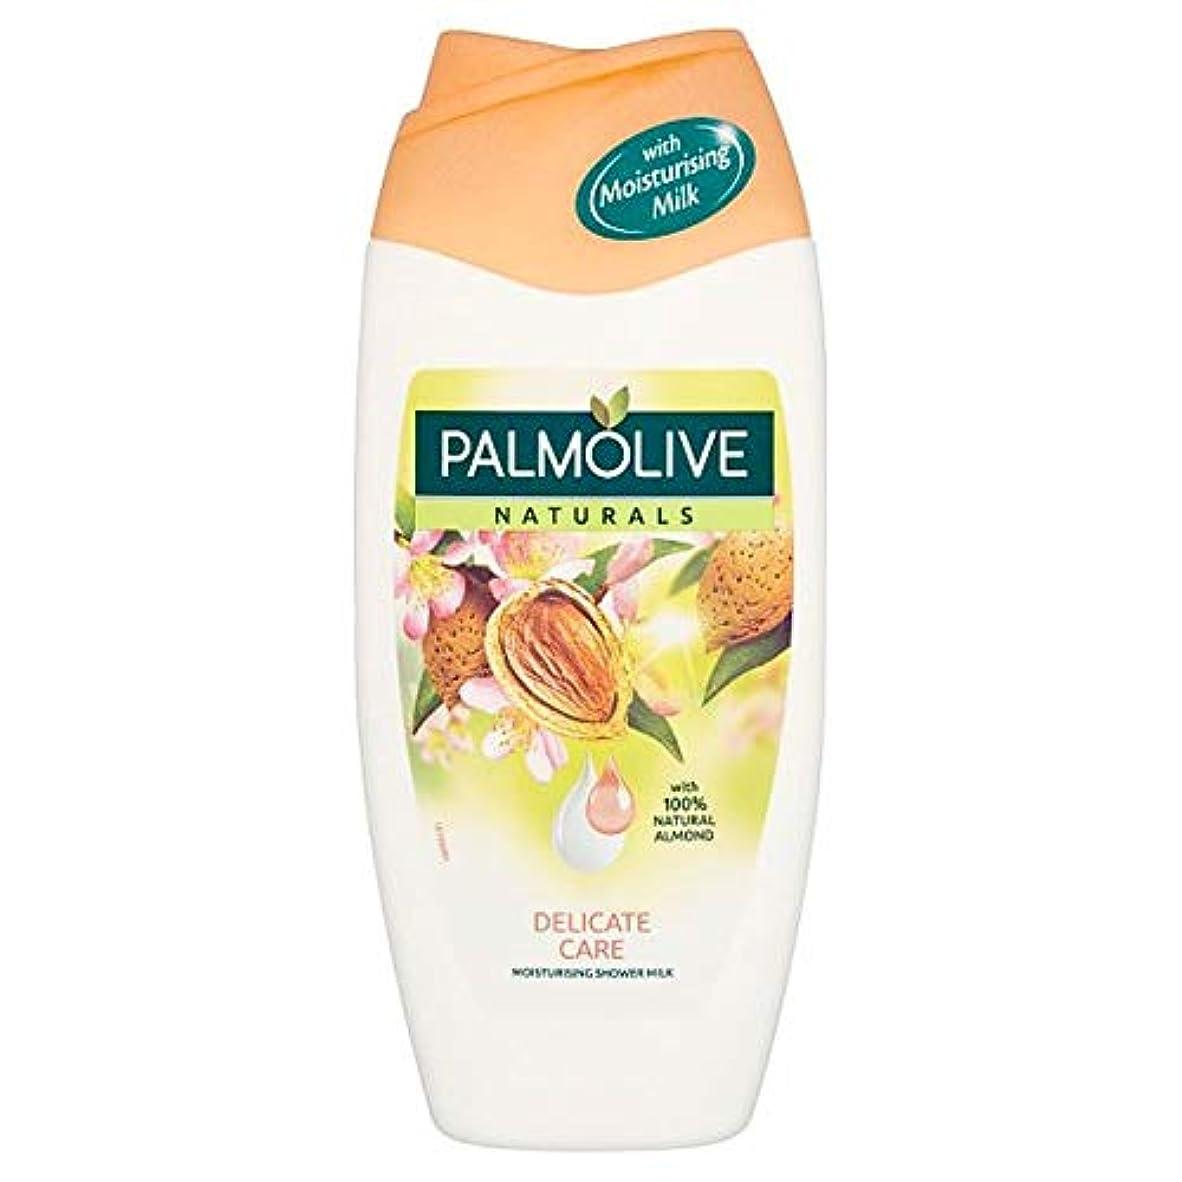 波汚染するクール[Palmolive] Palmolive社ナチュラルズは、シャワージェル250ミリリットルアーモンド - Palmolive Naturals Almond Shower Gel 250Ml [並行輸入品]